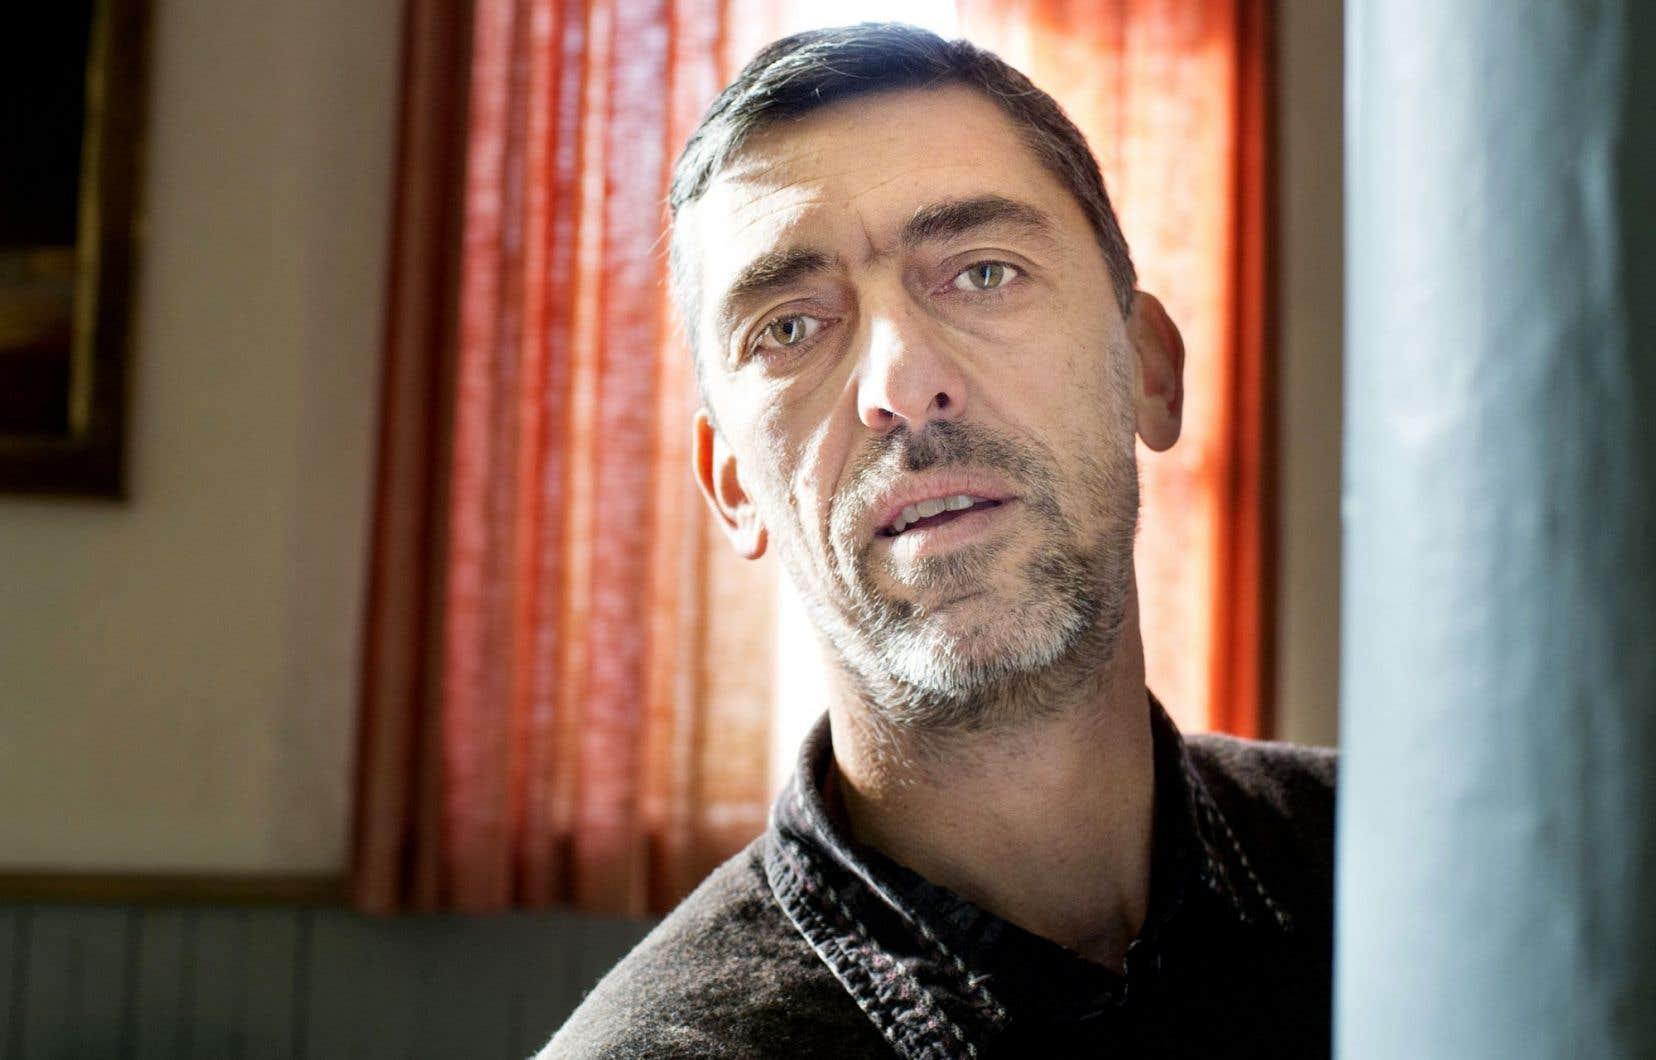 Le documentariste rend hommage à un homme, Yvan Sorel, mais aussi à toute une population de la ville de Marseille.